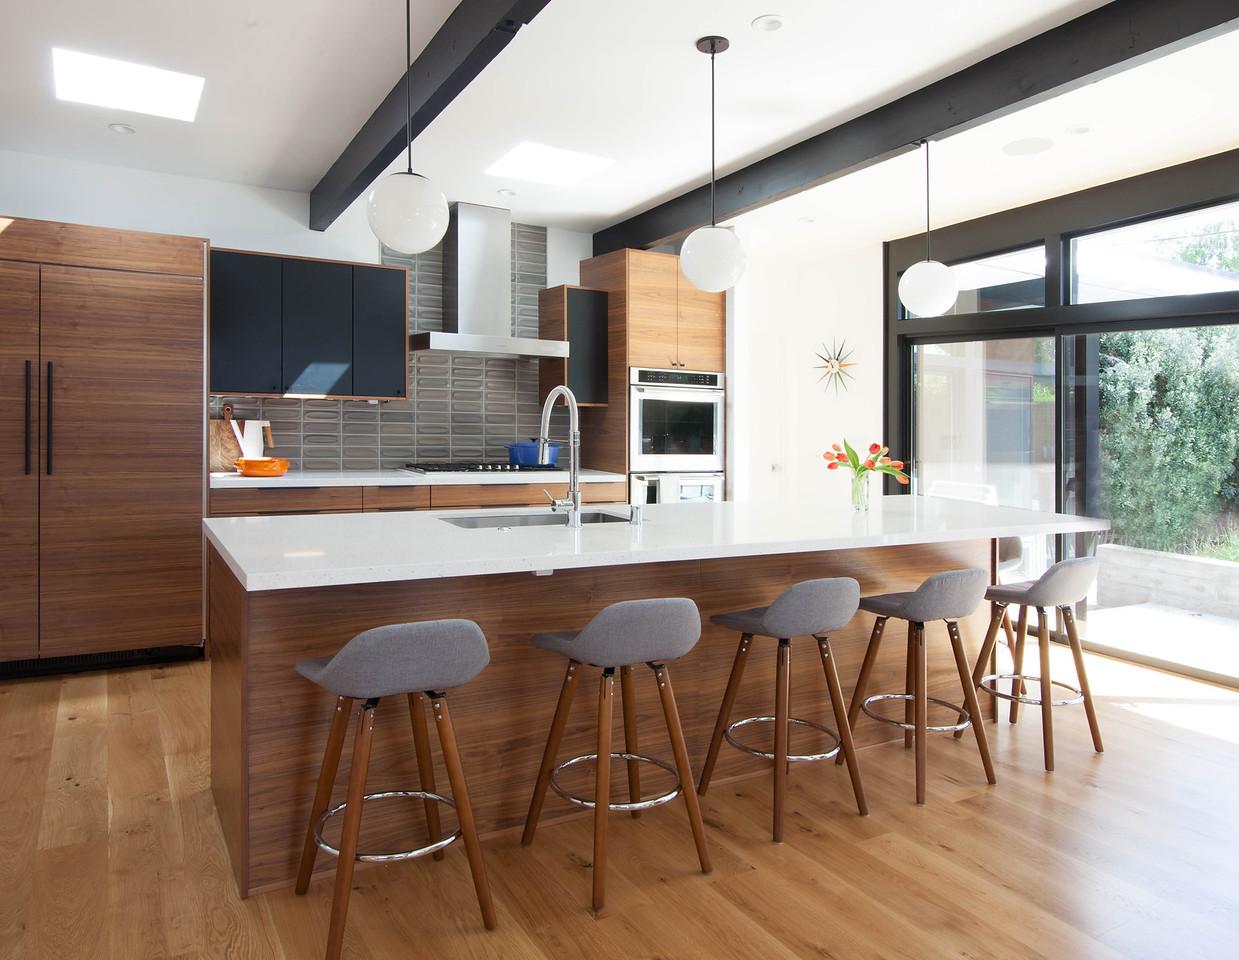 Silicon-valley-midcentury-modern-kitchen.jpg